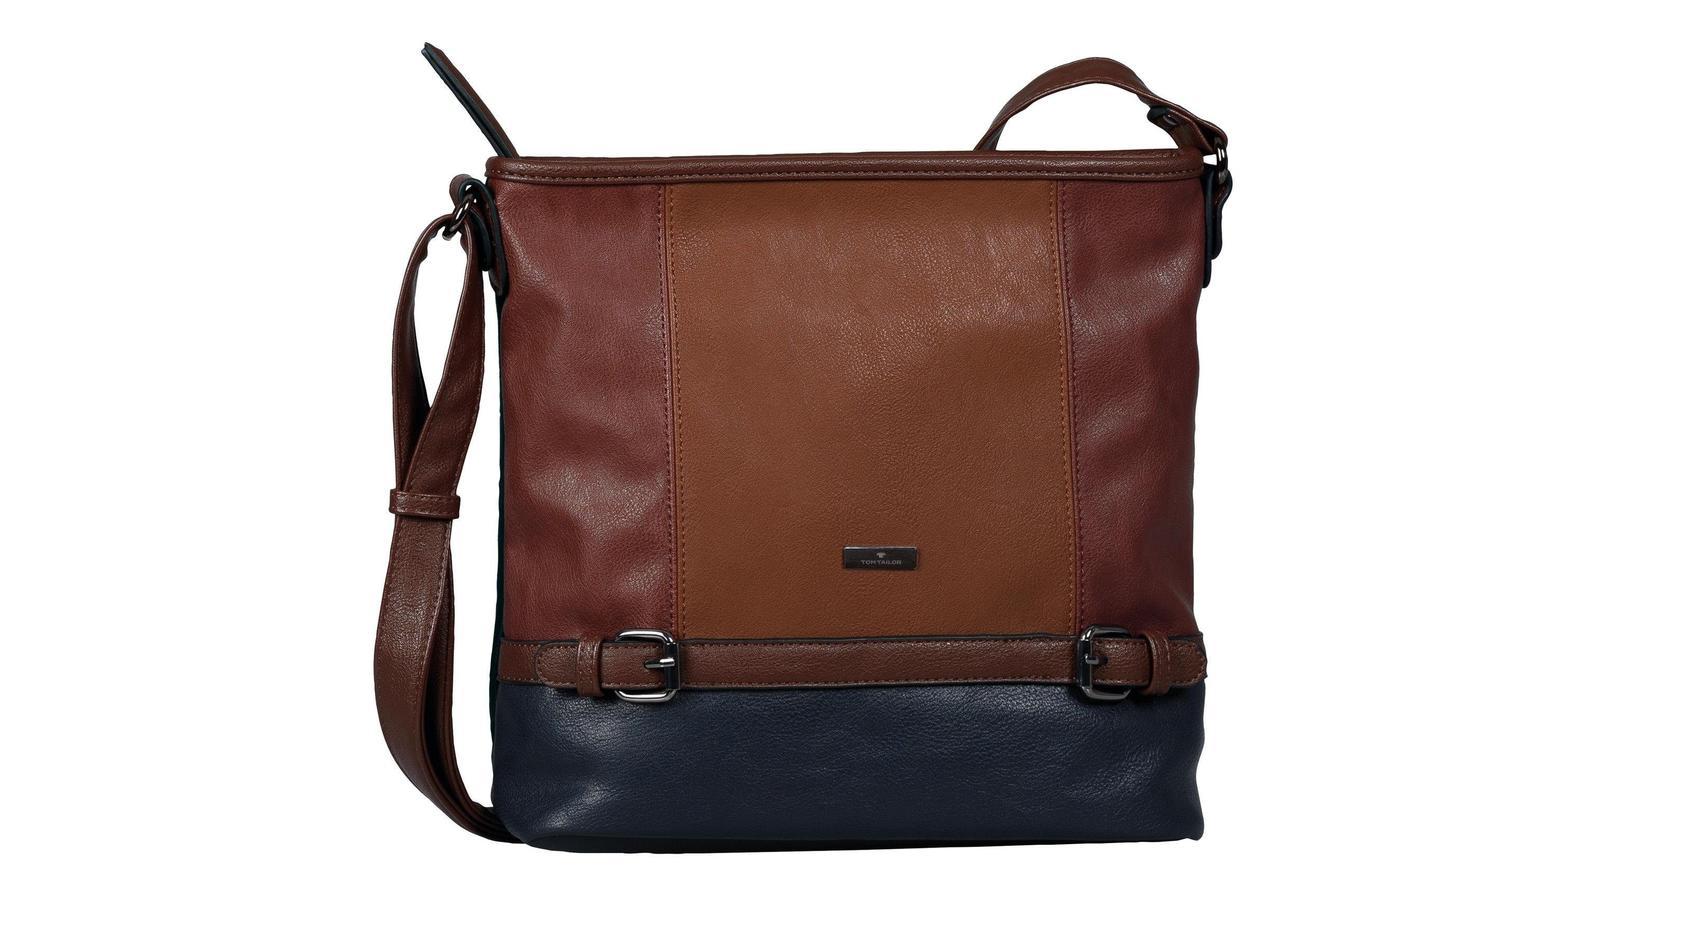 Handtasche bei Tom Taylor im Angebot.